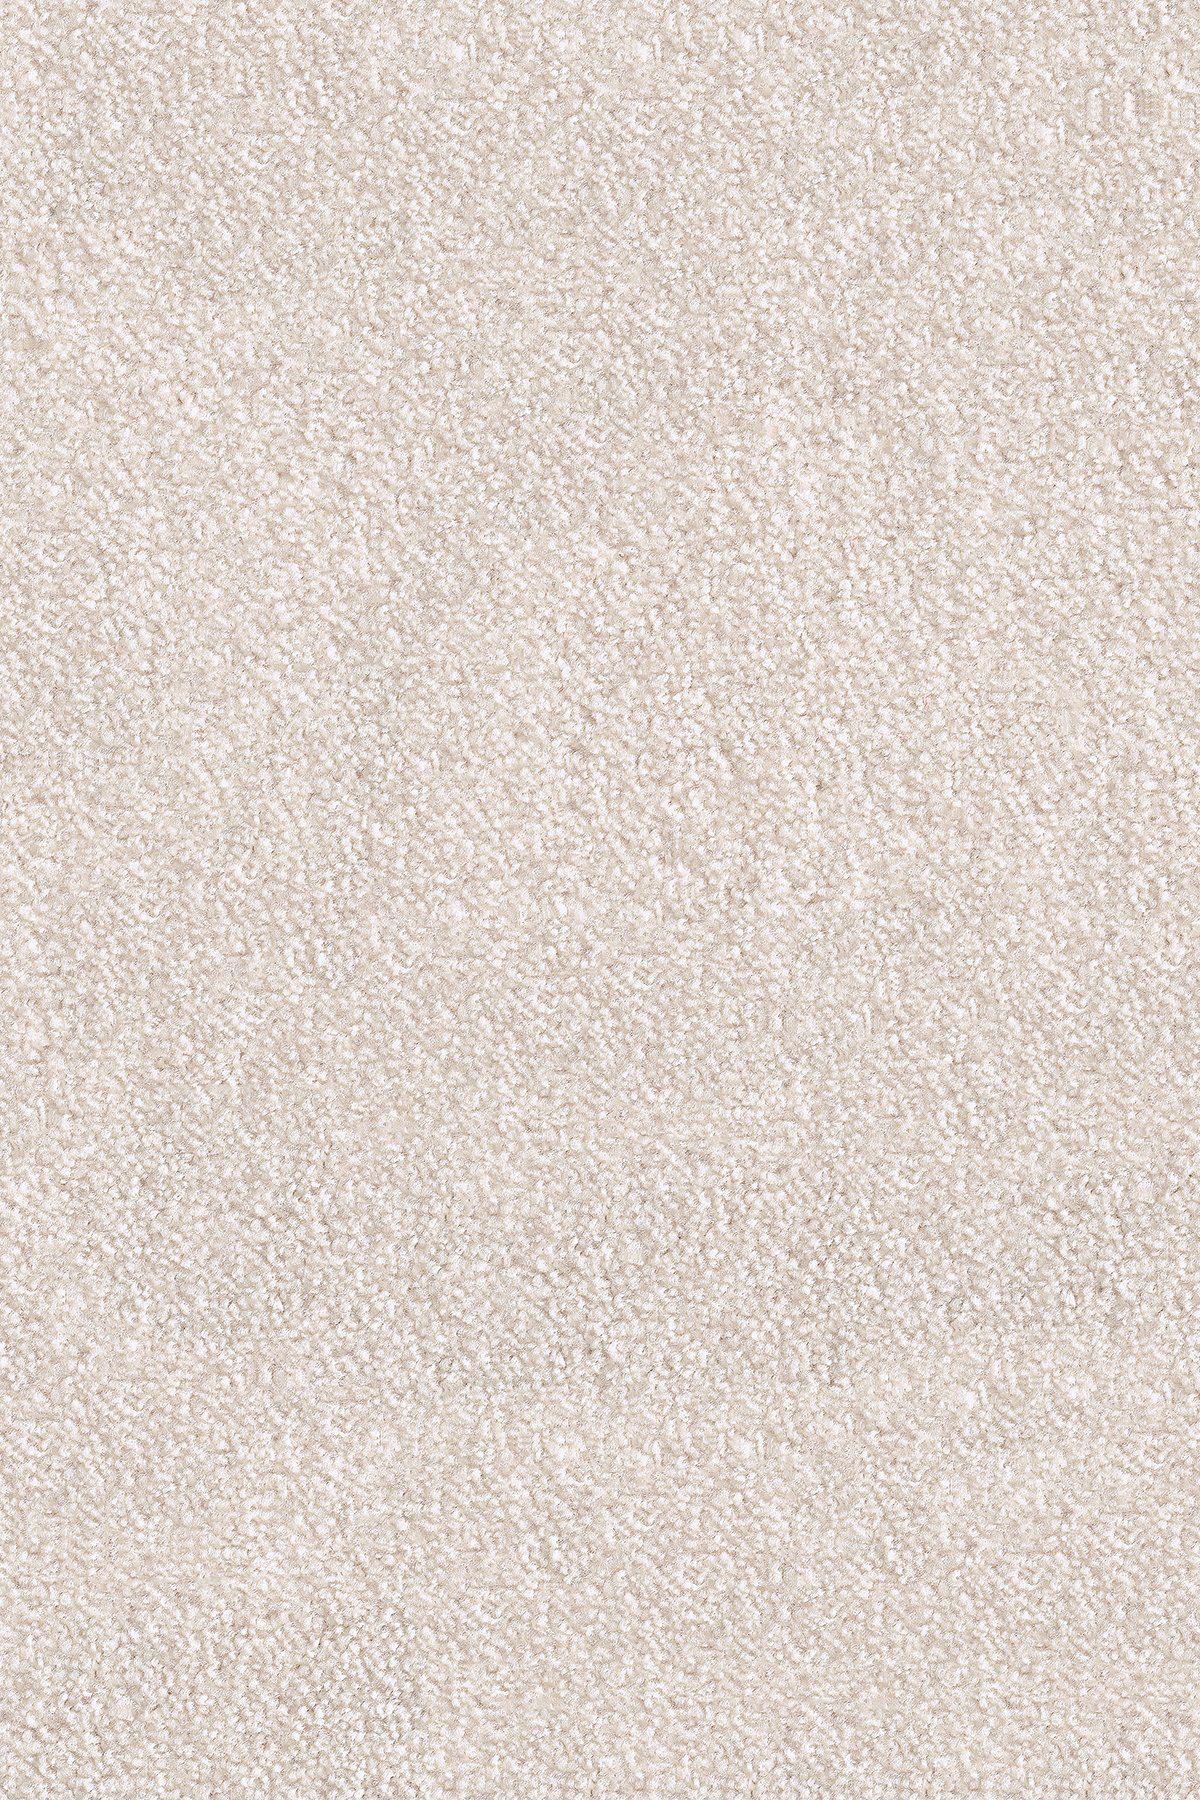 ANDIAMO Teppichboden »Levin hellbeige«, Breite 400 cm